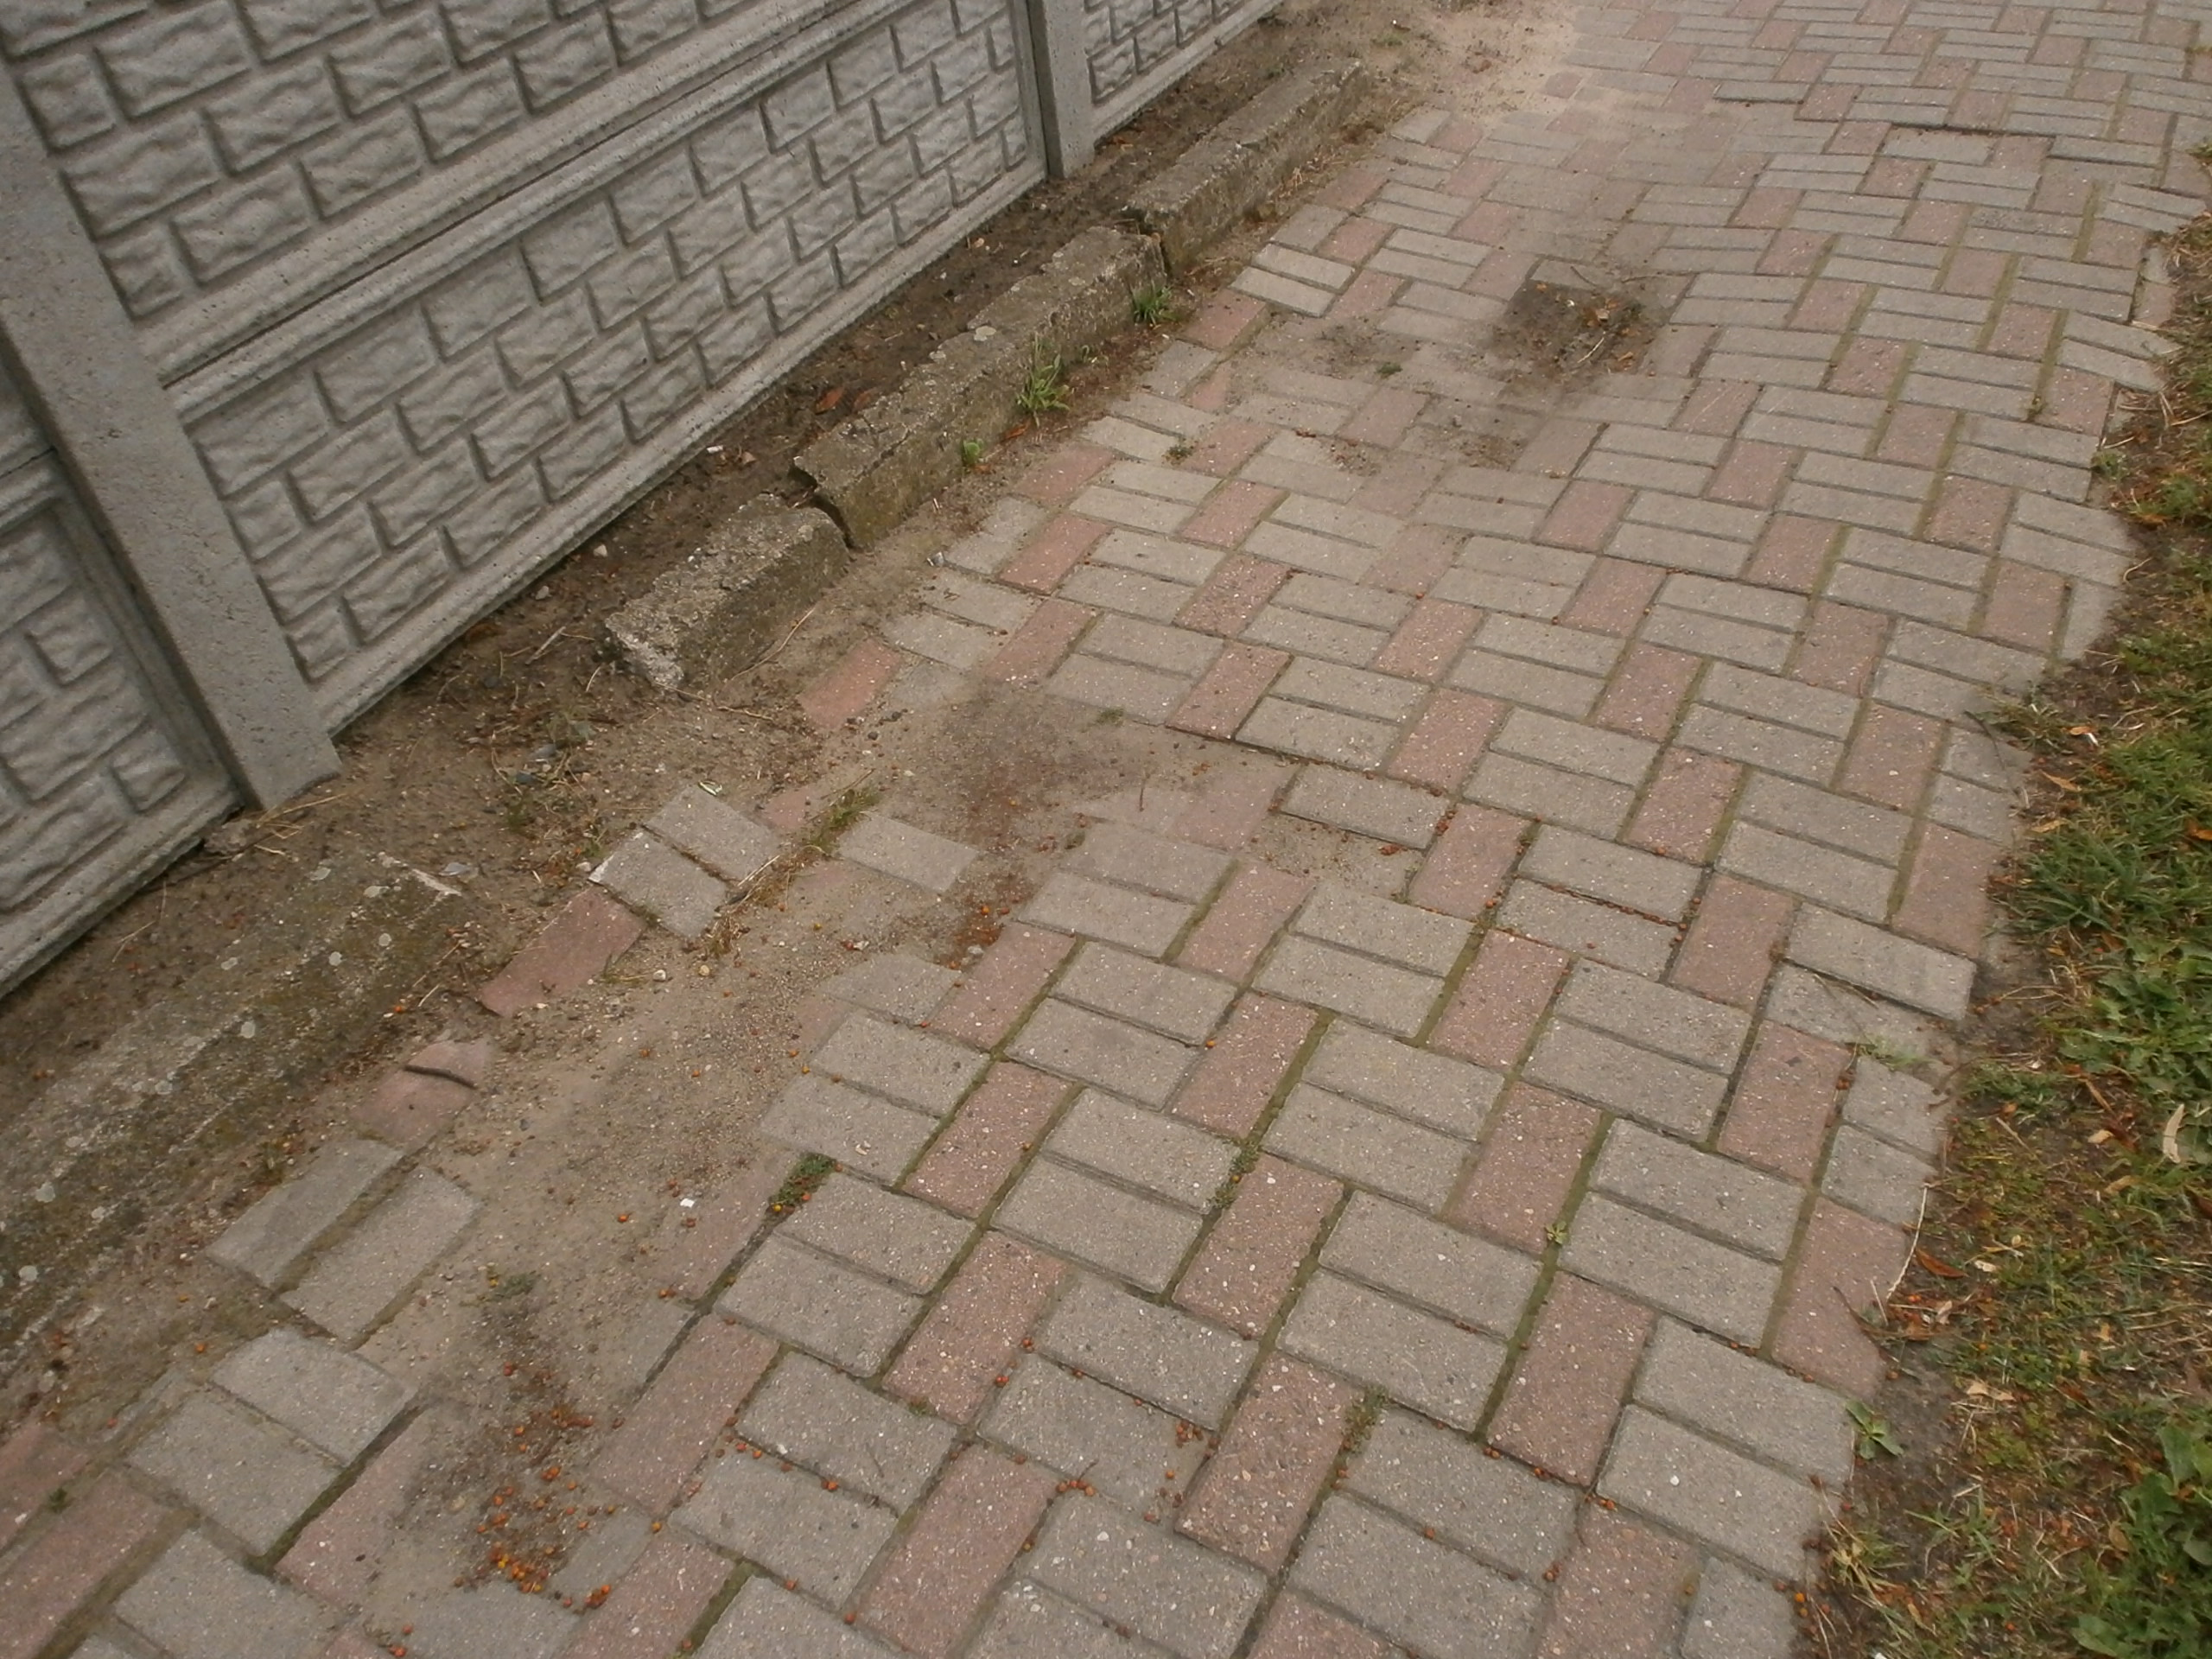 Krzywy chodnik